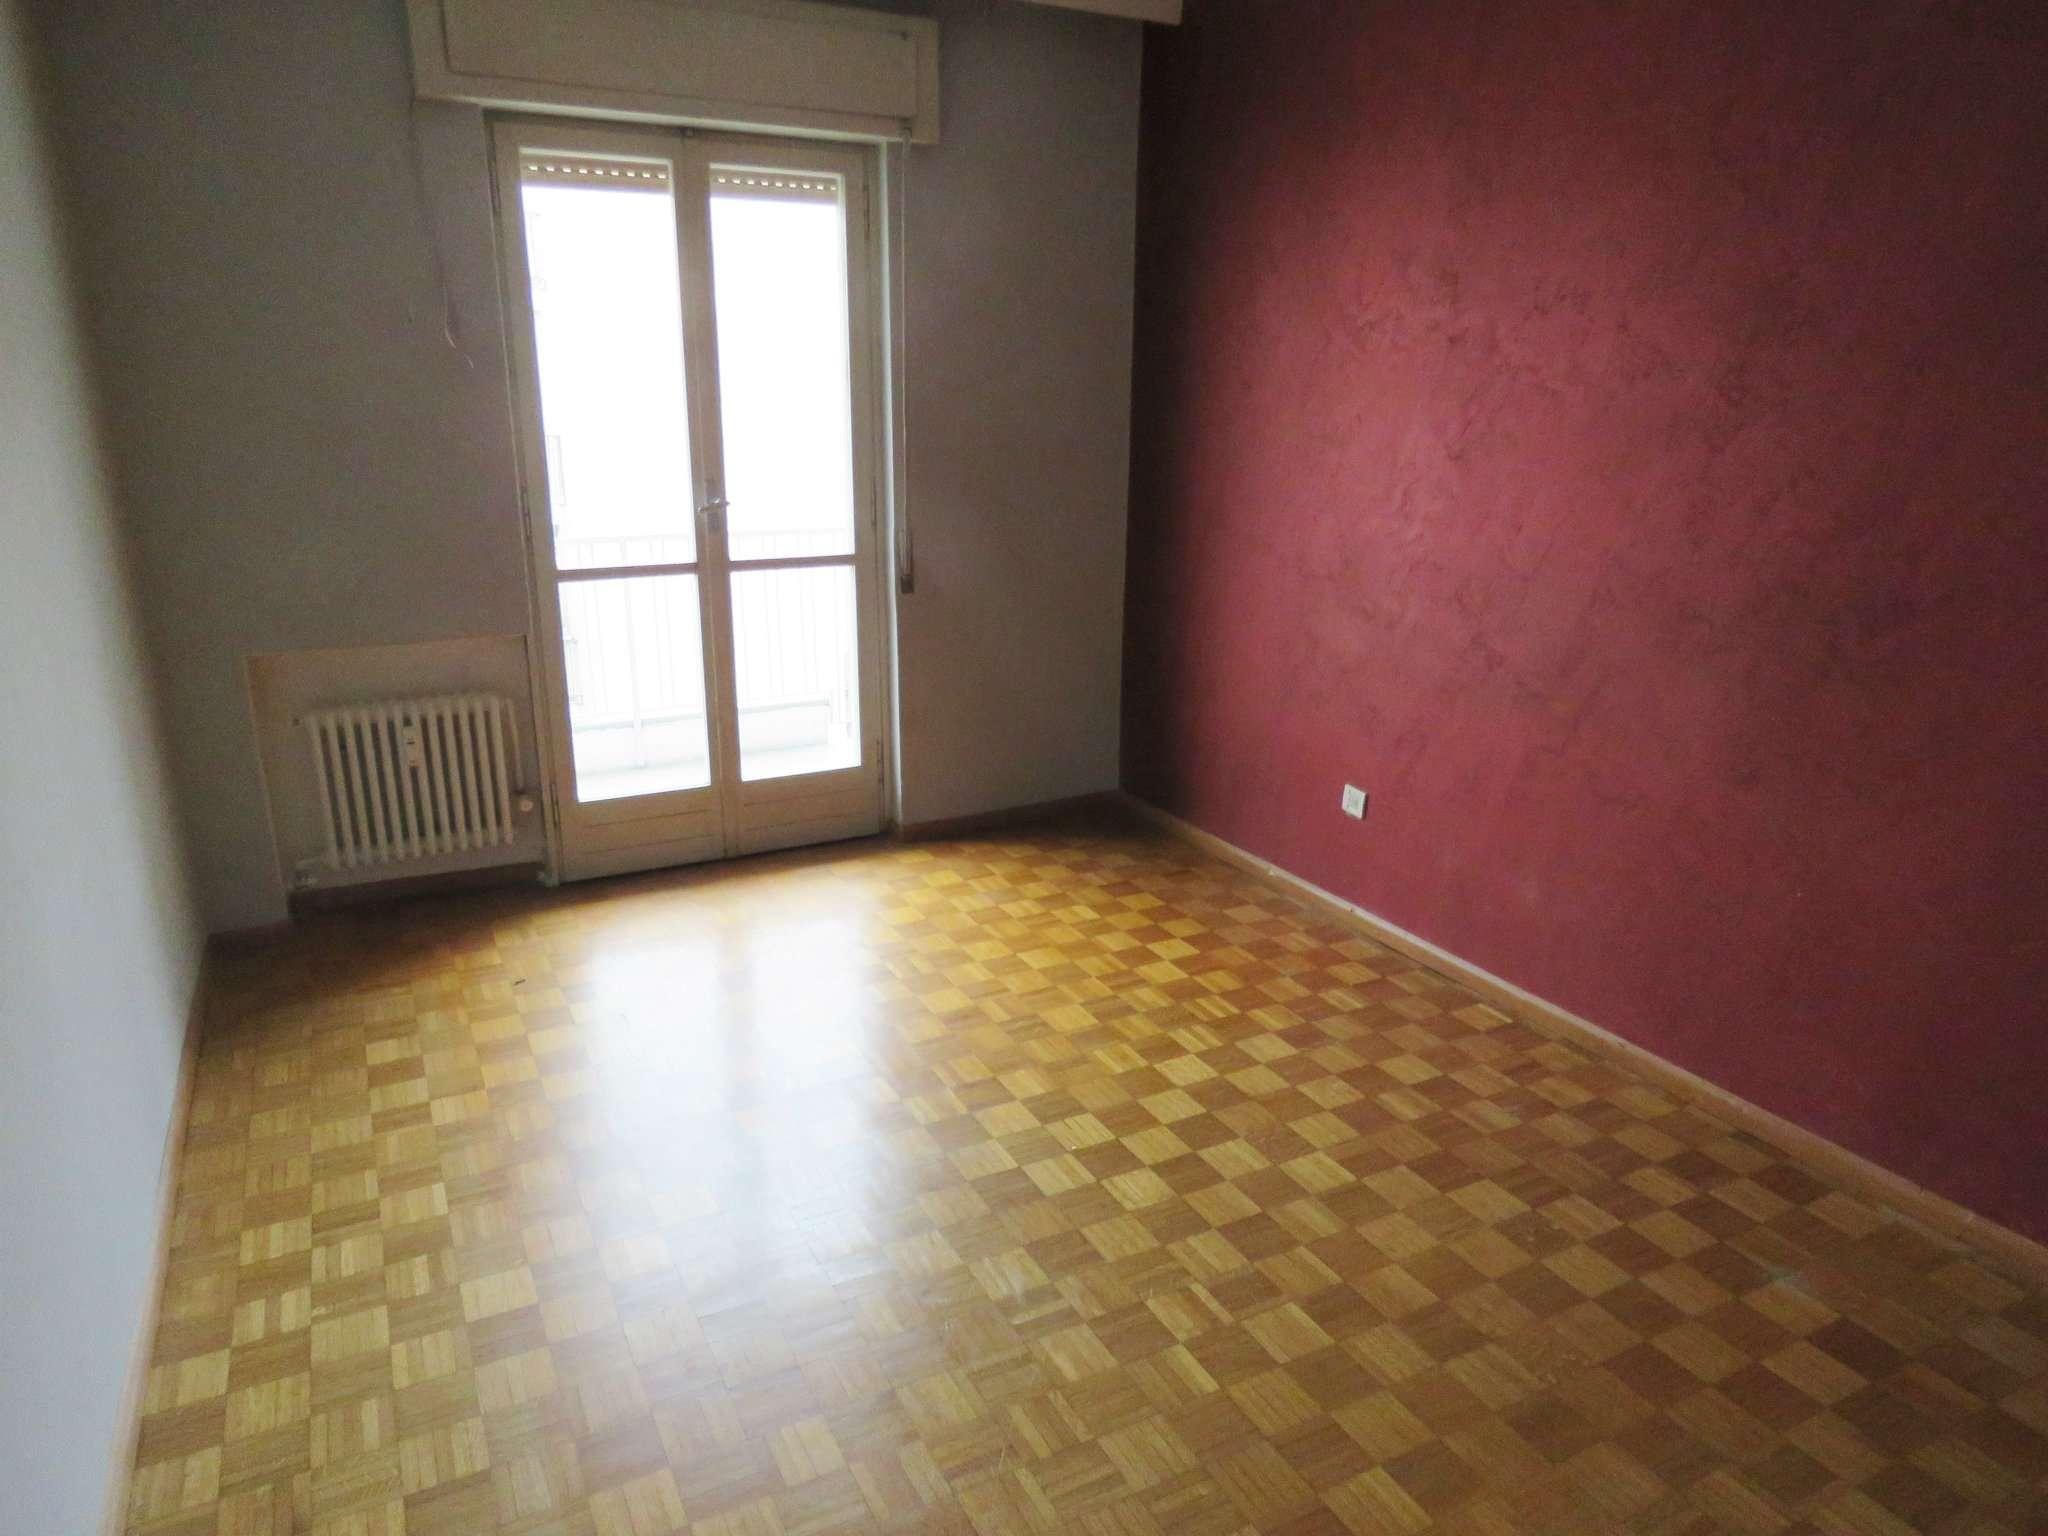 Appartamento da ristrutturare in vendita Rif. 9259850